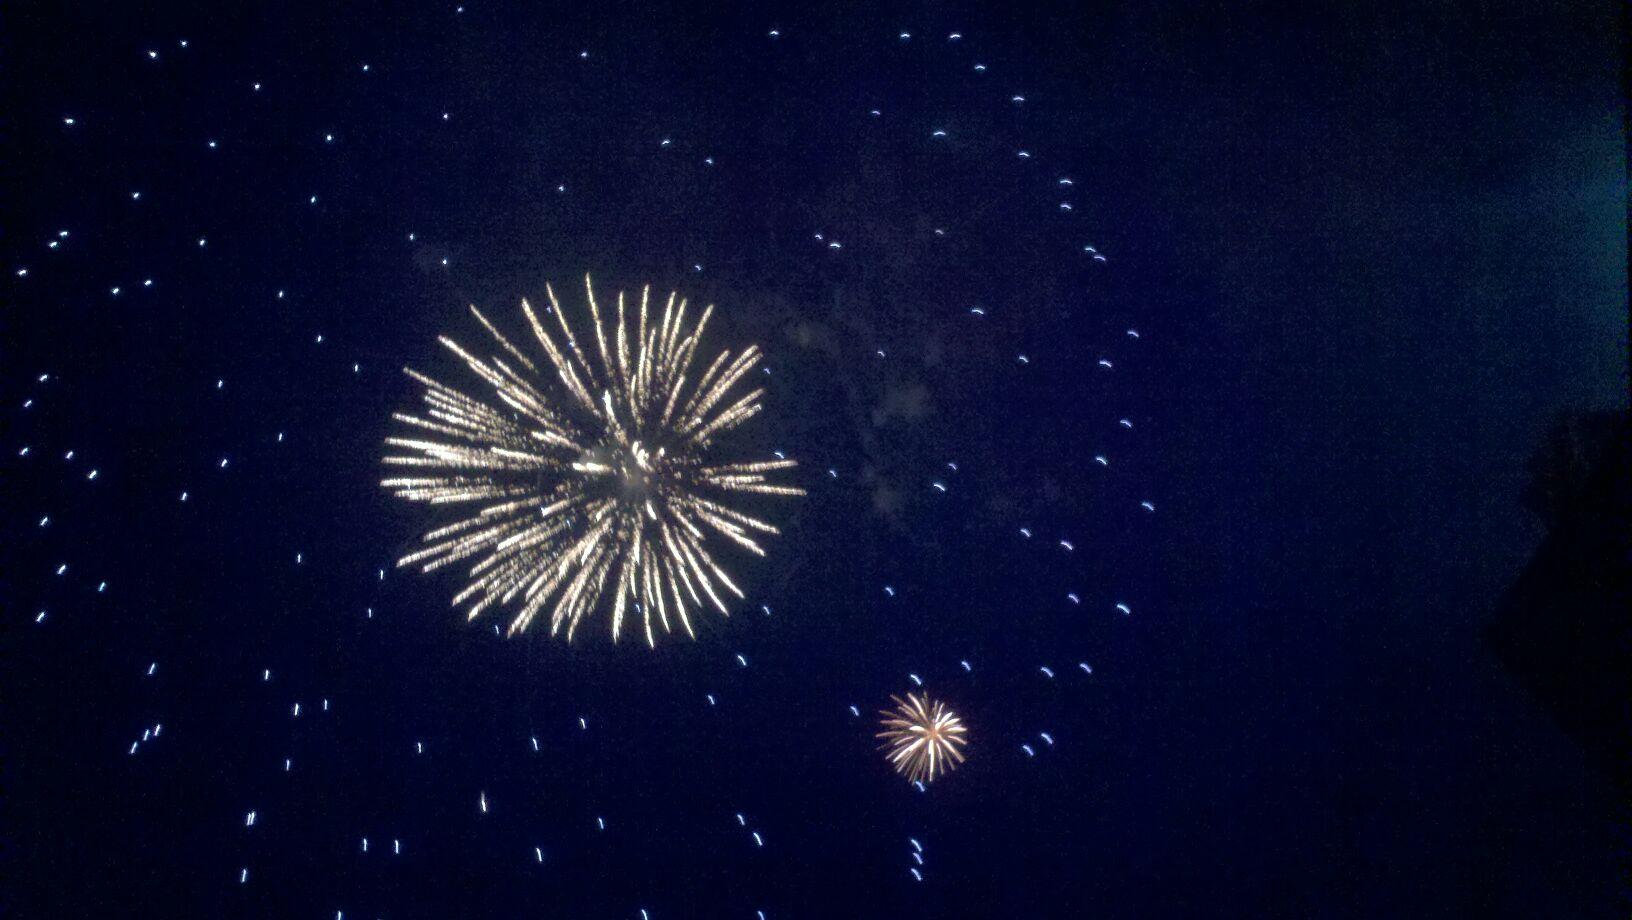 Fireworks - Patricia Dewberry